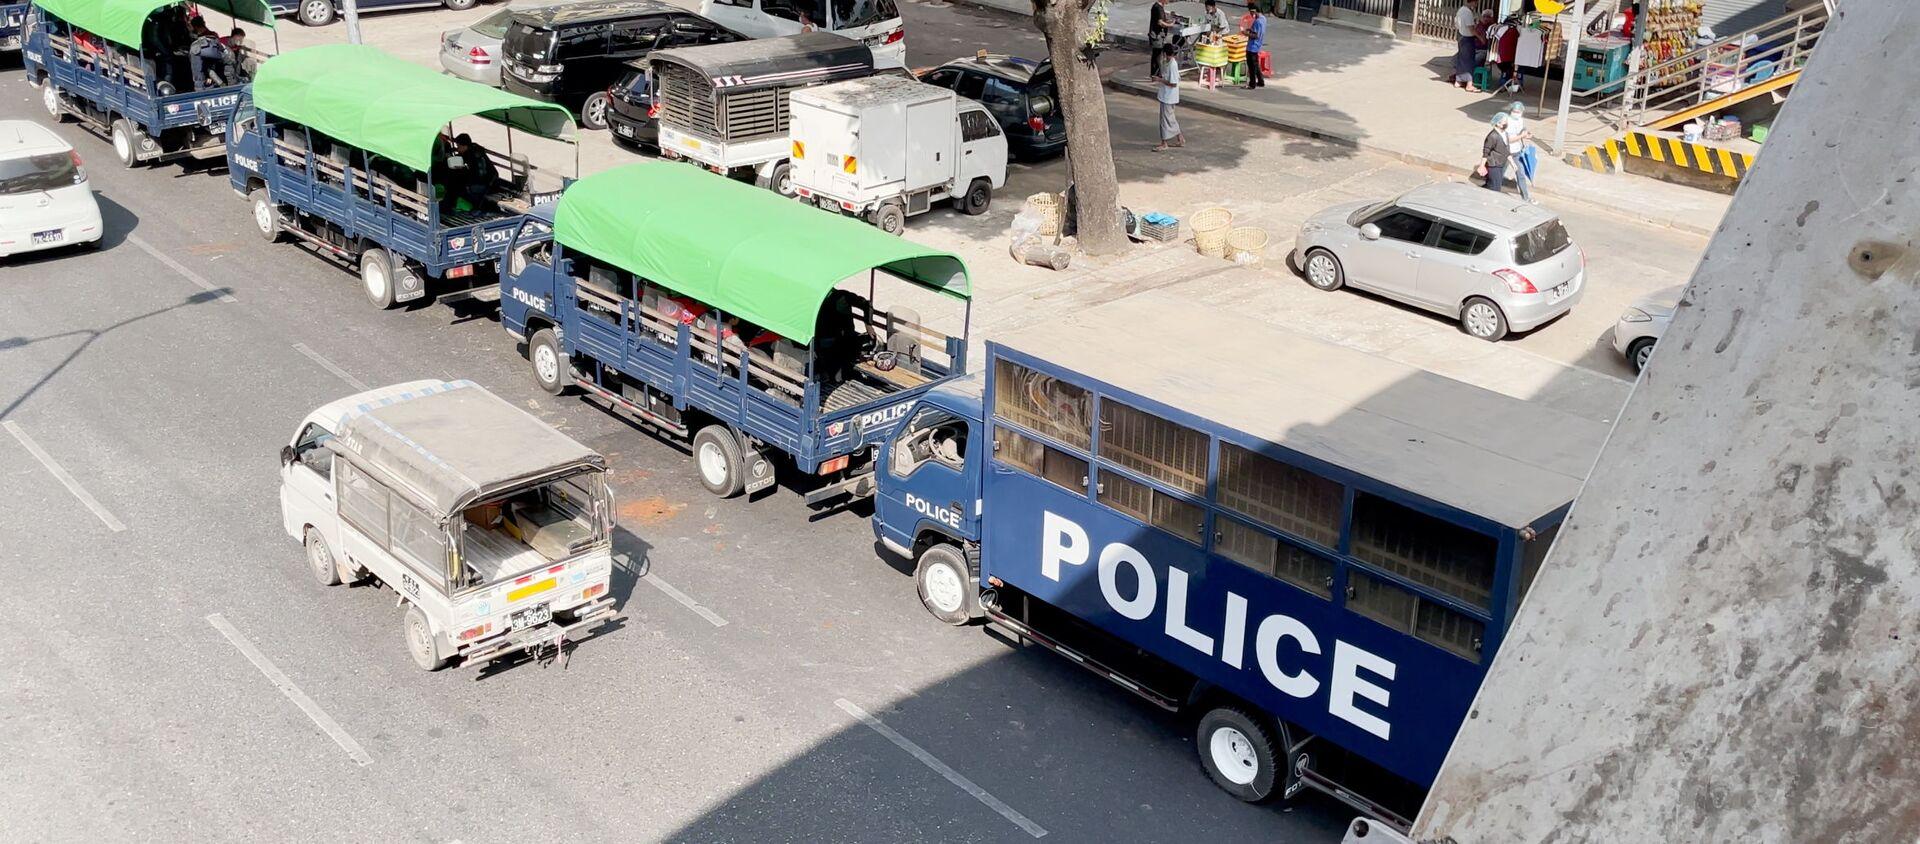 Vehículos policiales en Rangun, Birmania - Sputnik Mundo, 1920, 01.02.2021